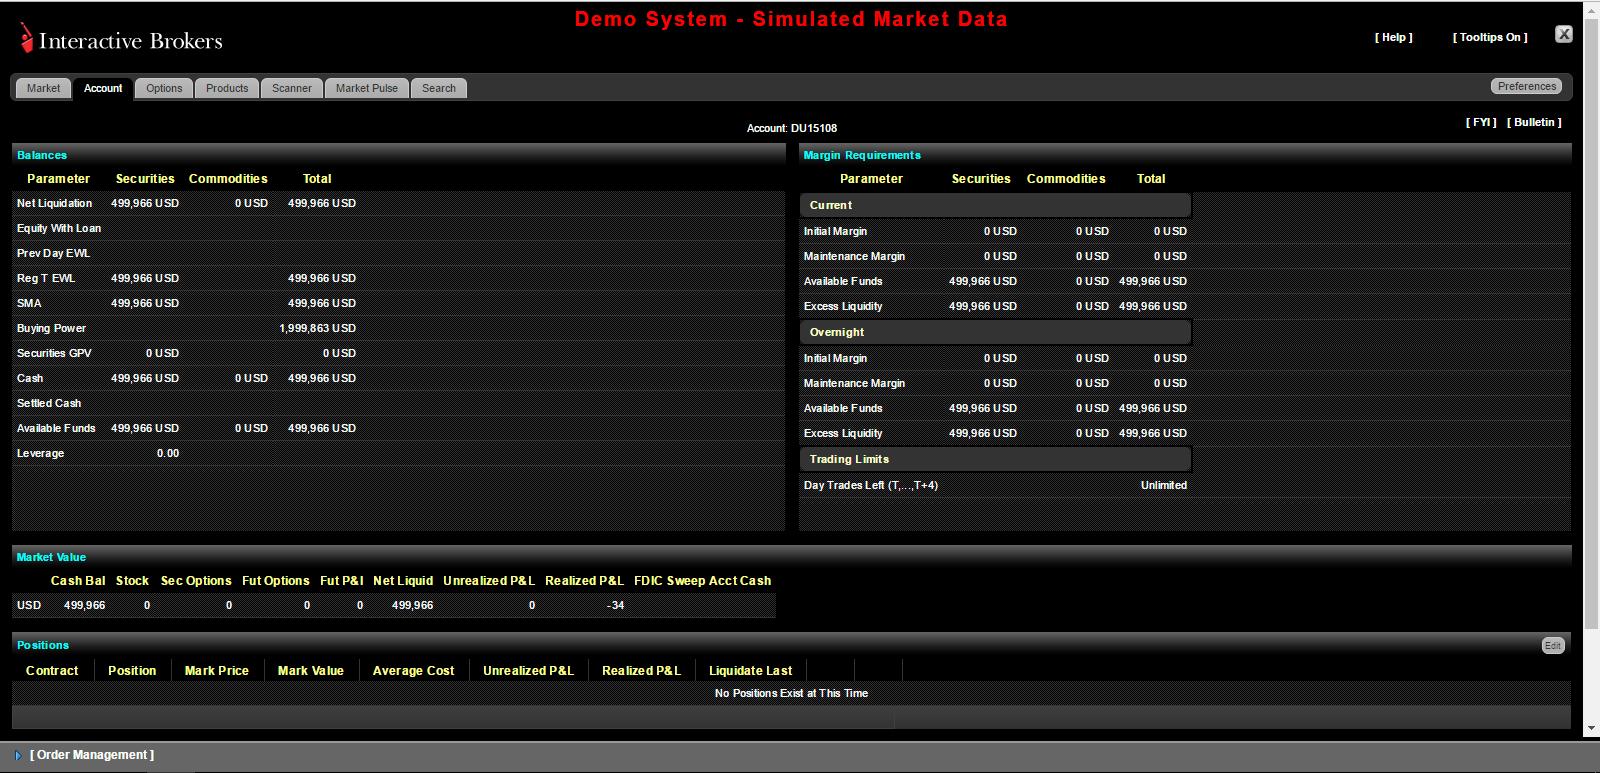 best-forex-brokers-blogpost-interactive-brokers-web-trading-platform